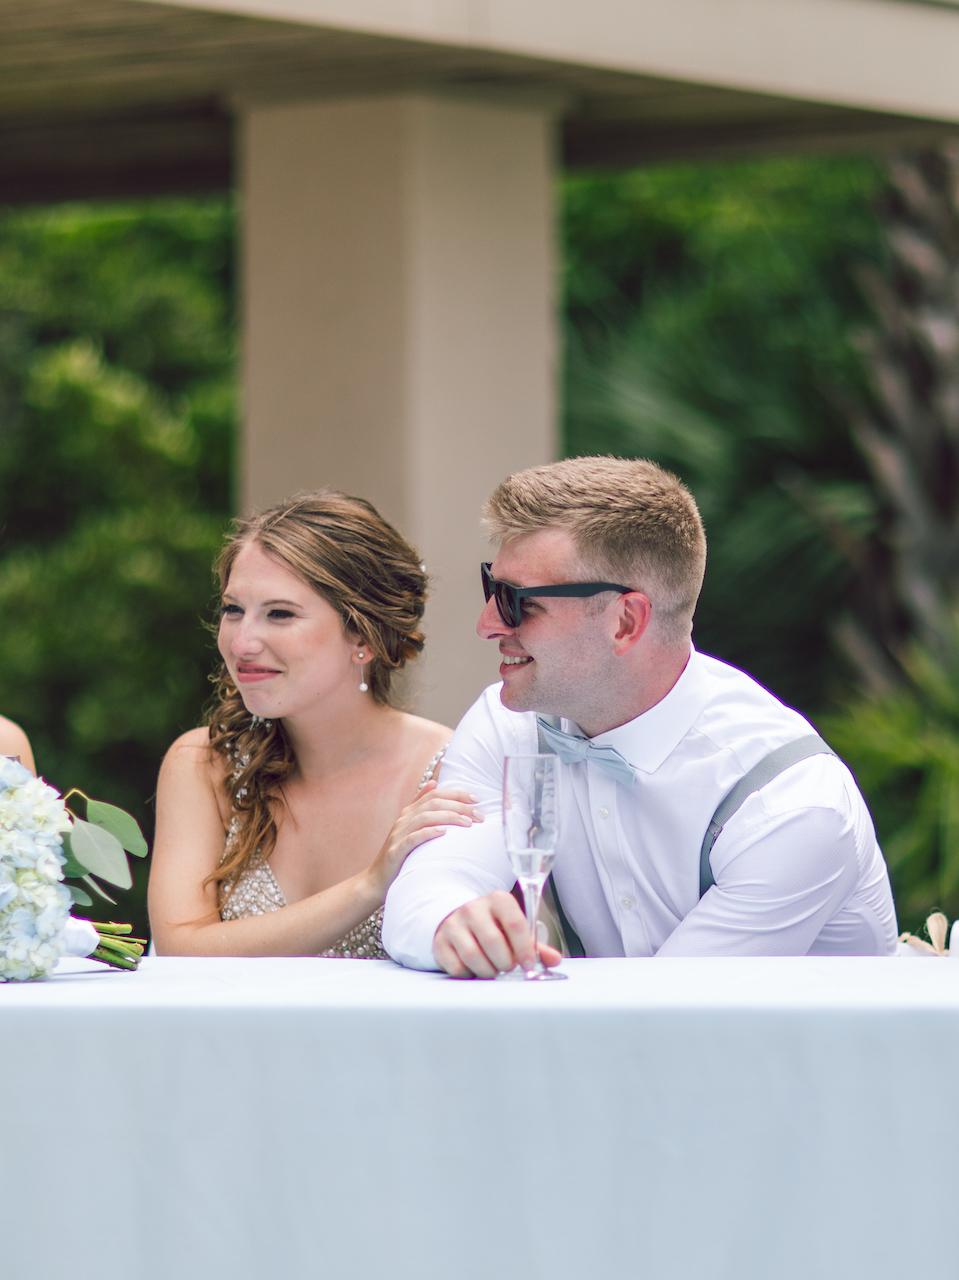 hilton-head-island-wedding-sc-reception288.jpg